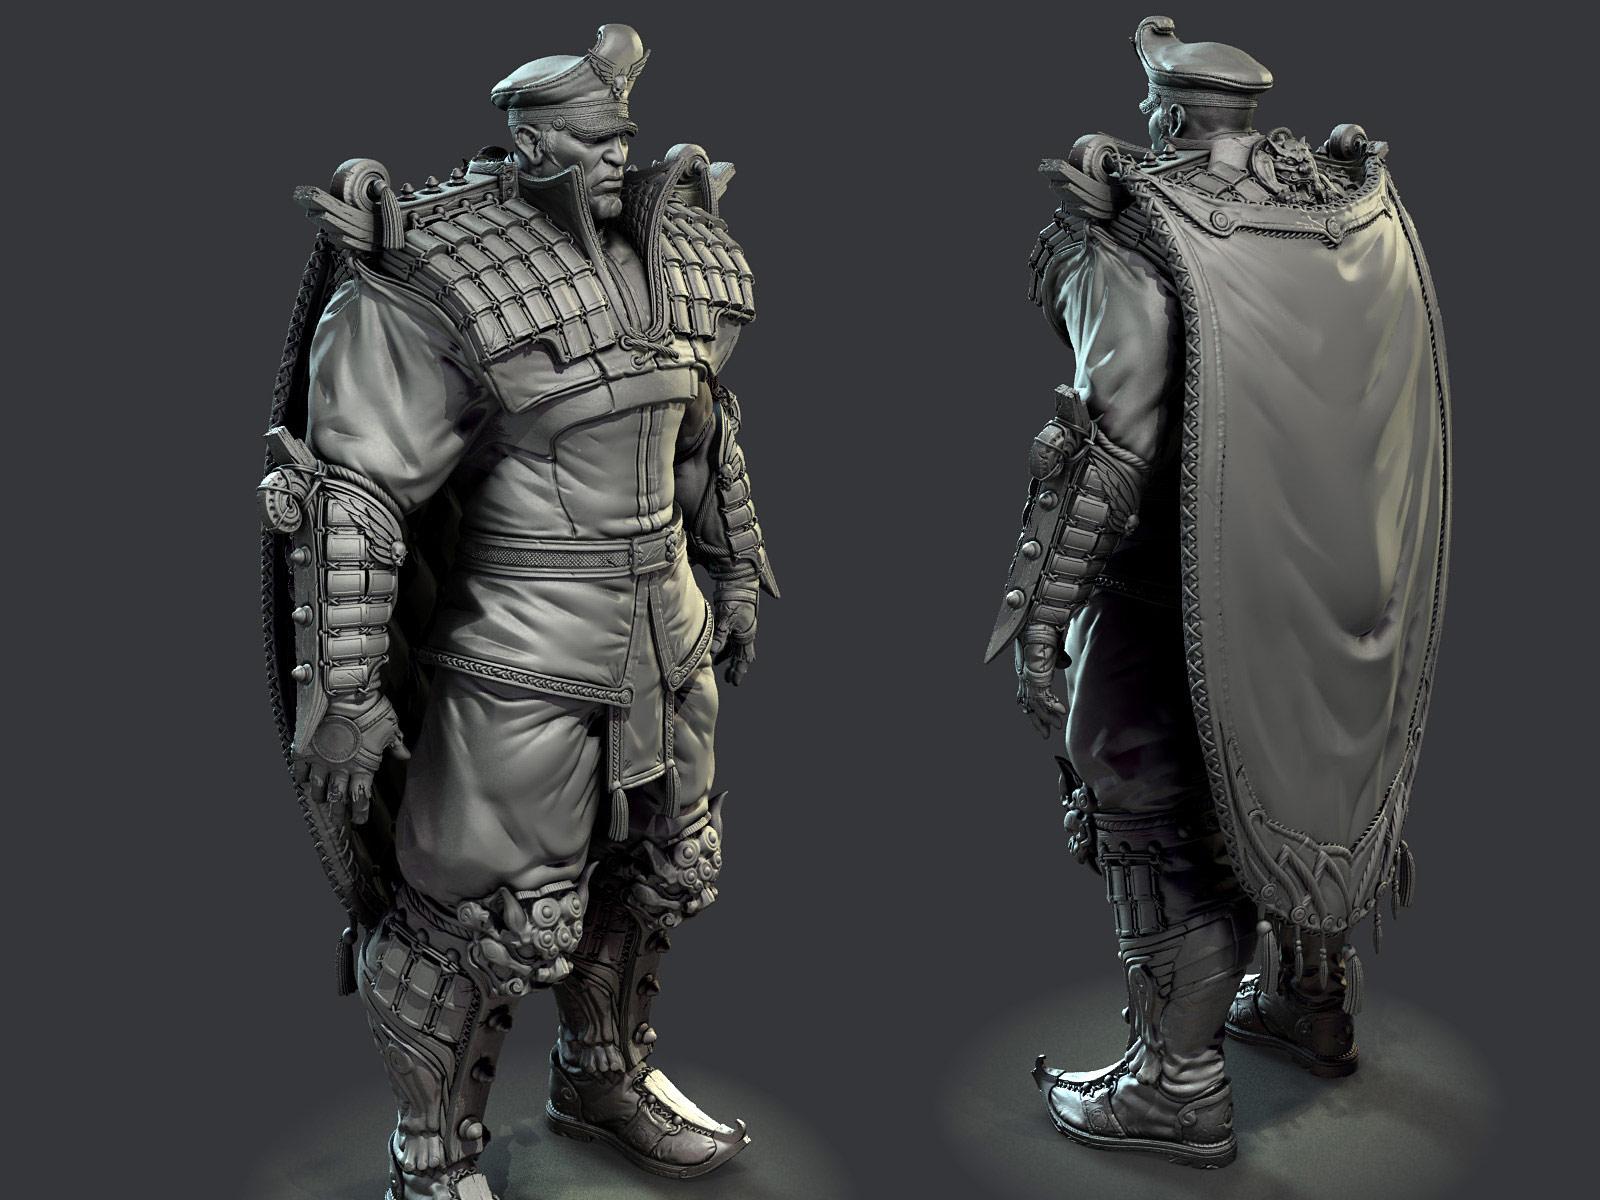 3D rendering of M. Bison #3